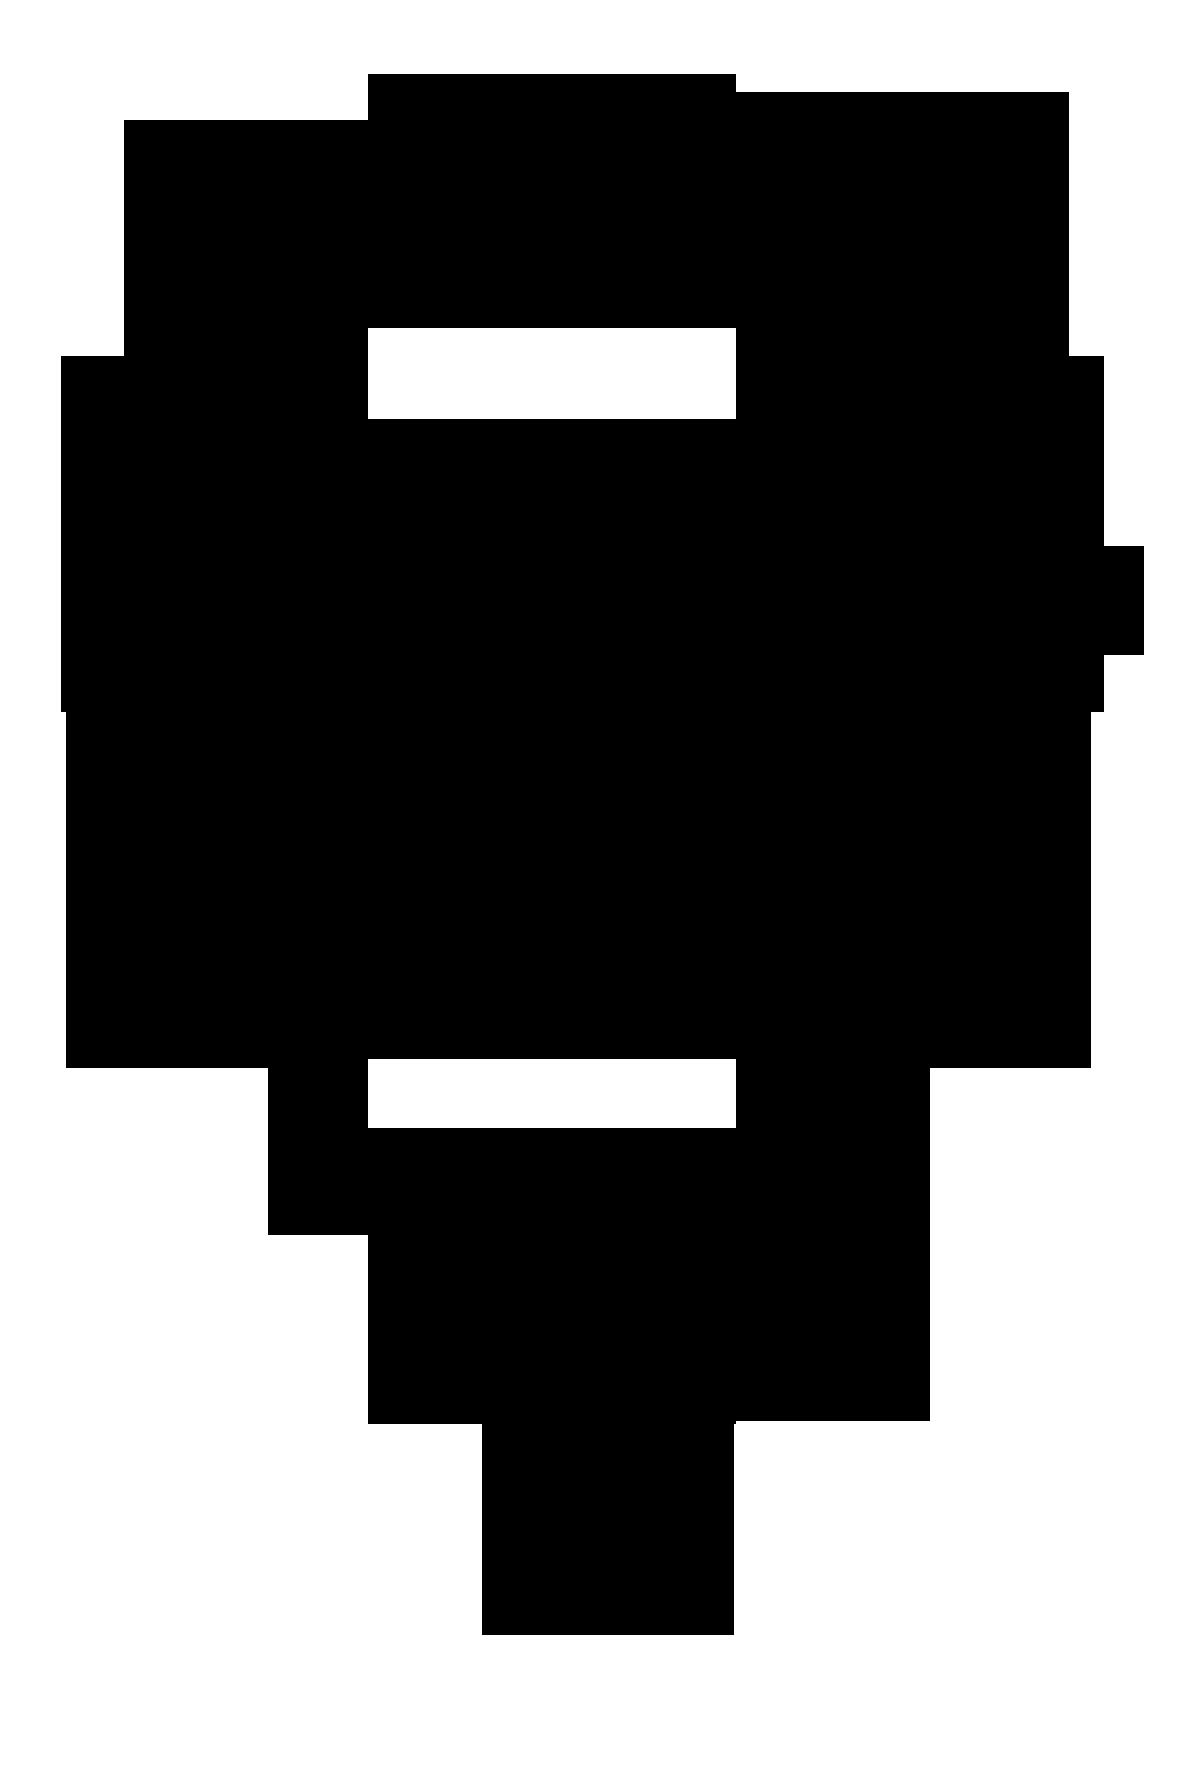 logo LieU'topie noir